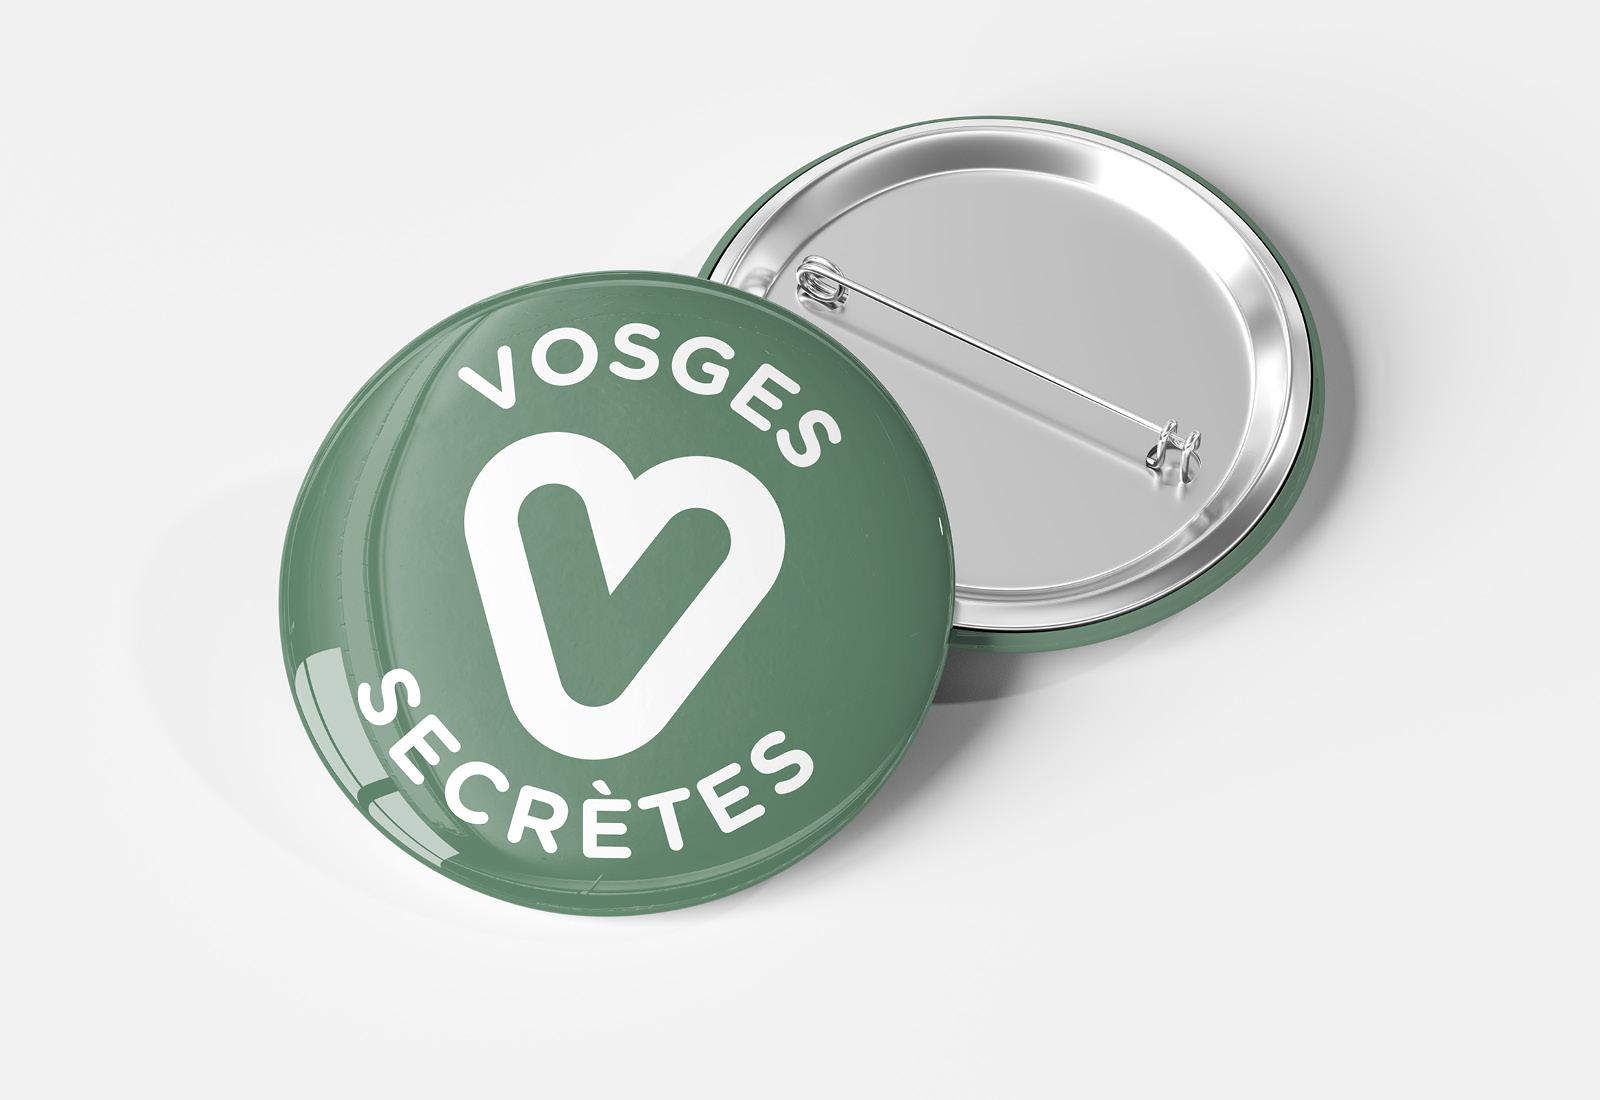 Josselin tourette – Vosges Secretes – Badge – 1